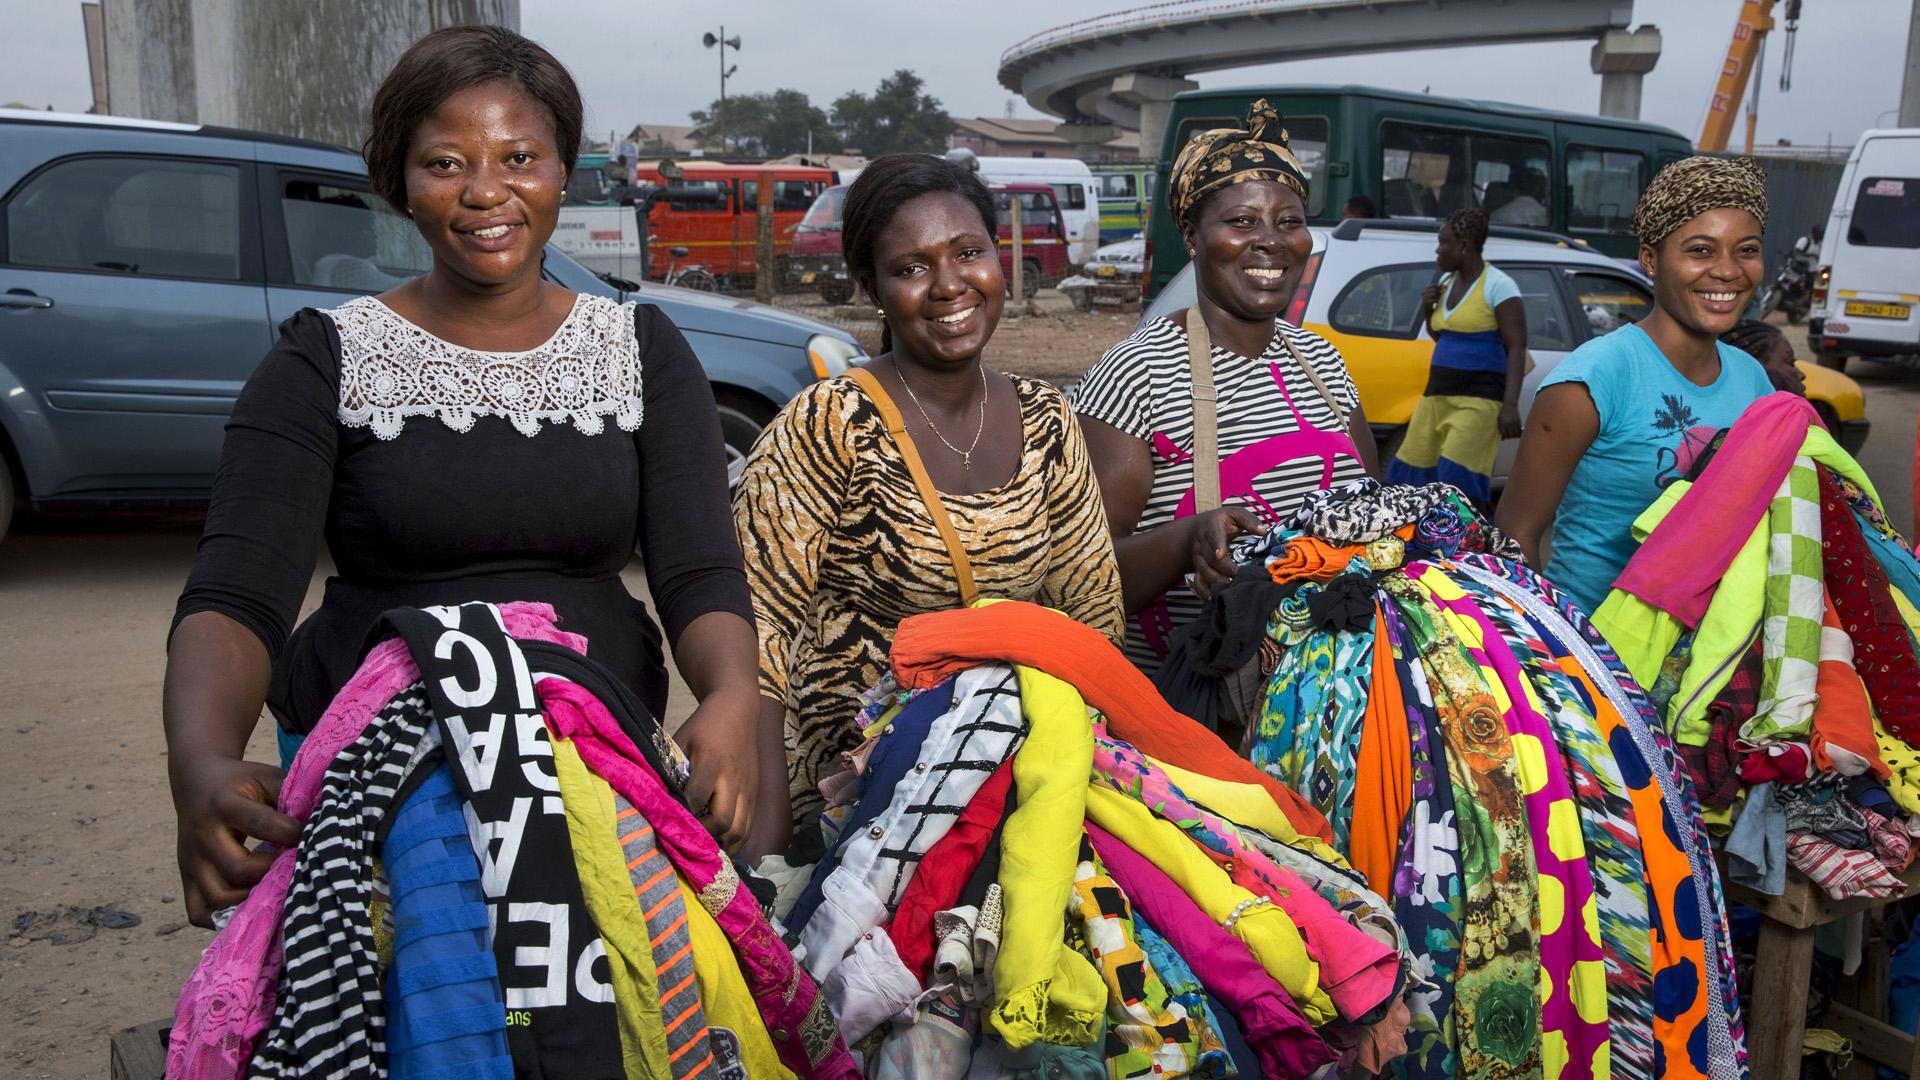 Tudtad, hogy hová kerül a nyugati országokban feleslegessé vált használt ruhák jelentős része?